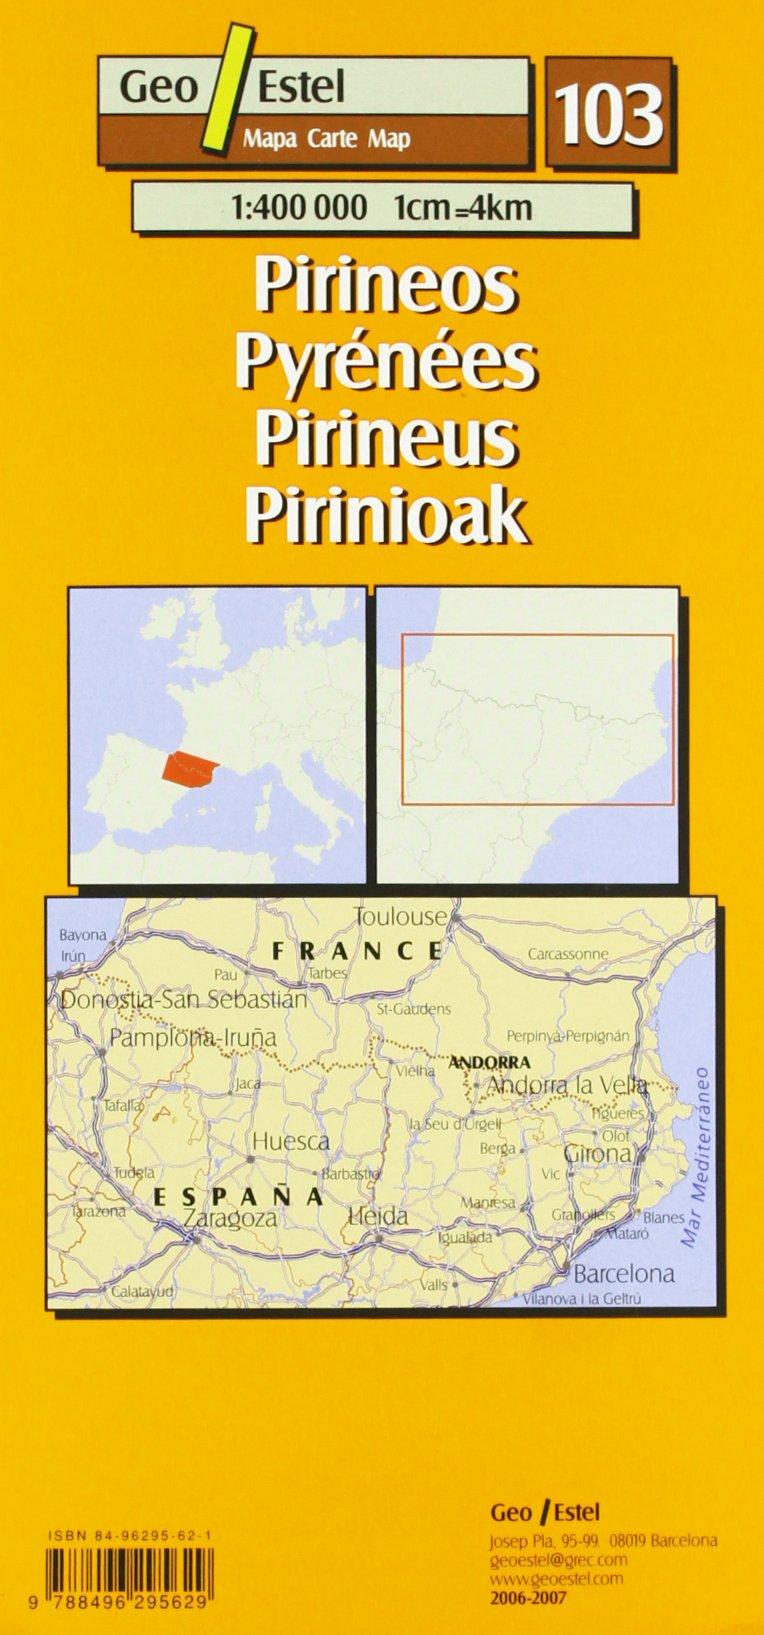 Pirineos / Pyrénéés / Pirineus / Pirinioak: Escala: 1 400 000 Mapas turísticos: Amazon.es: Mapa: Libros